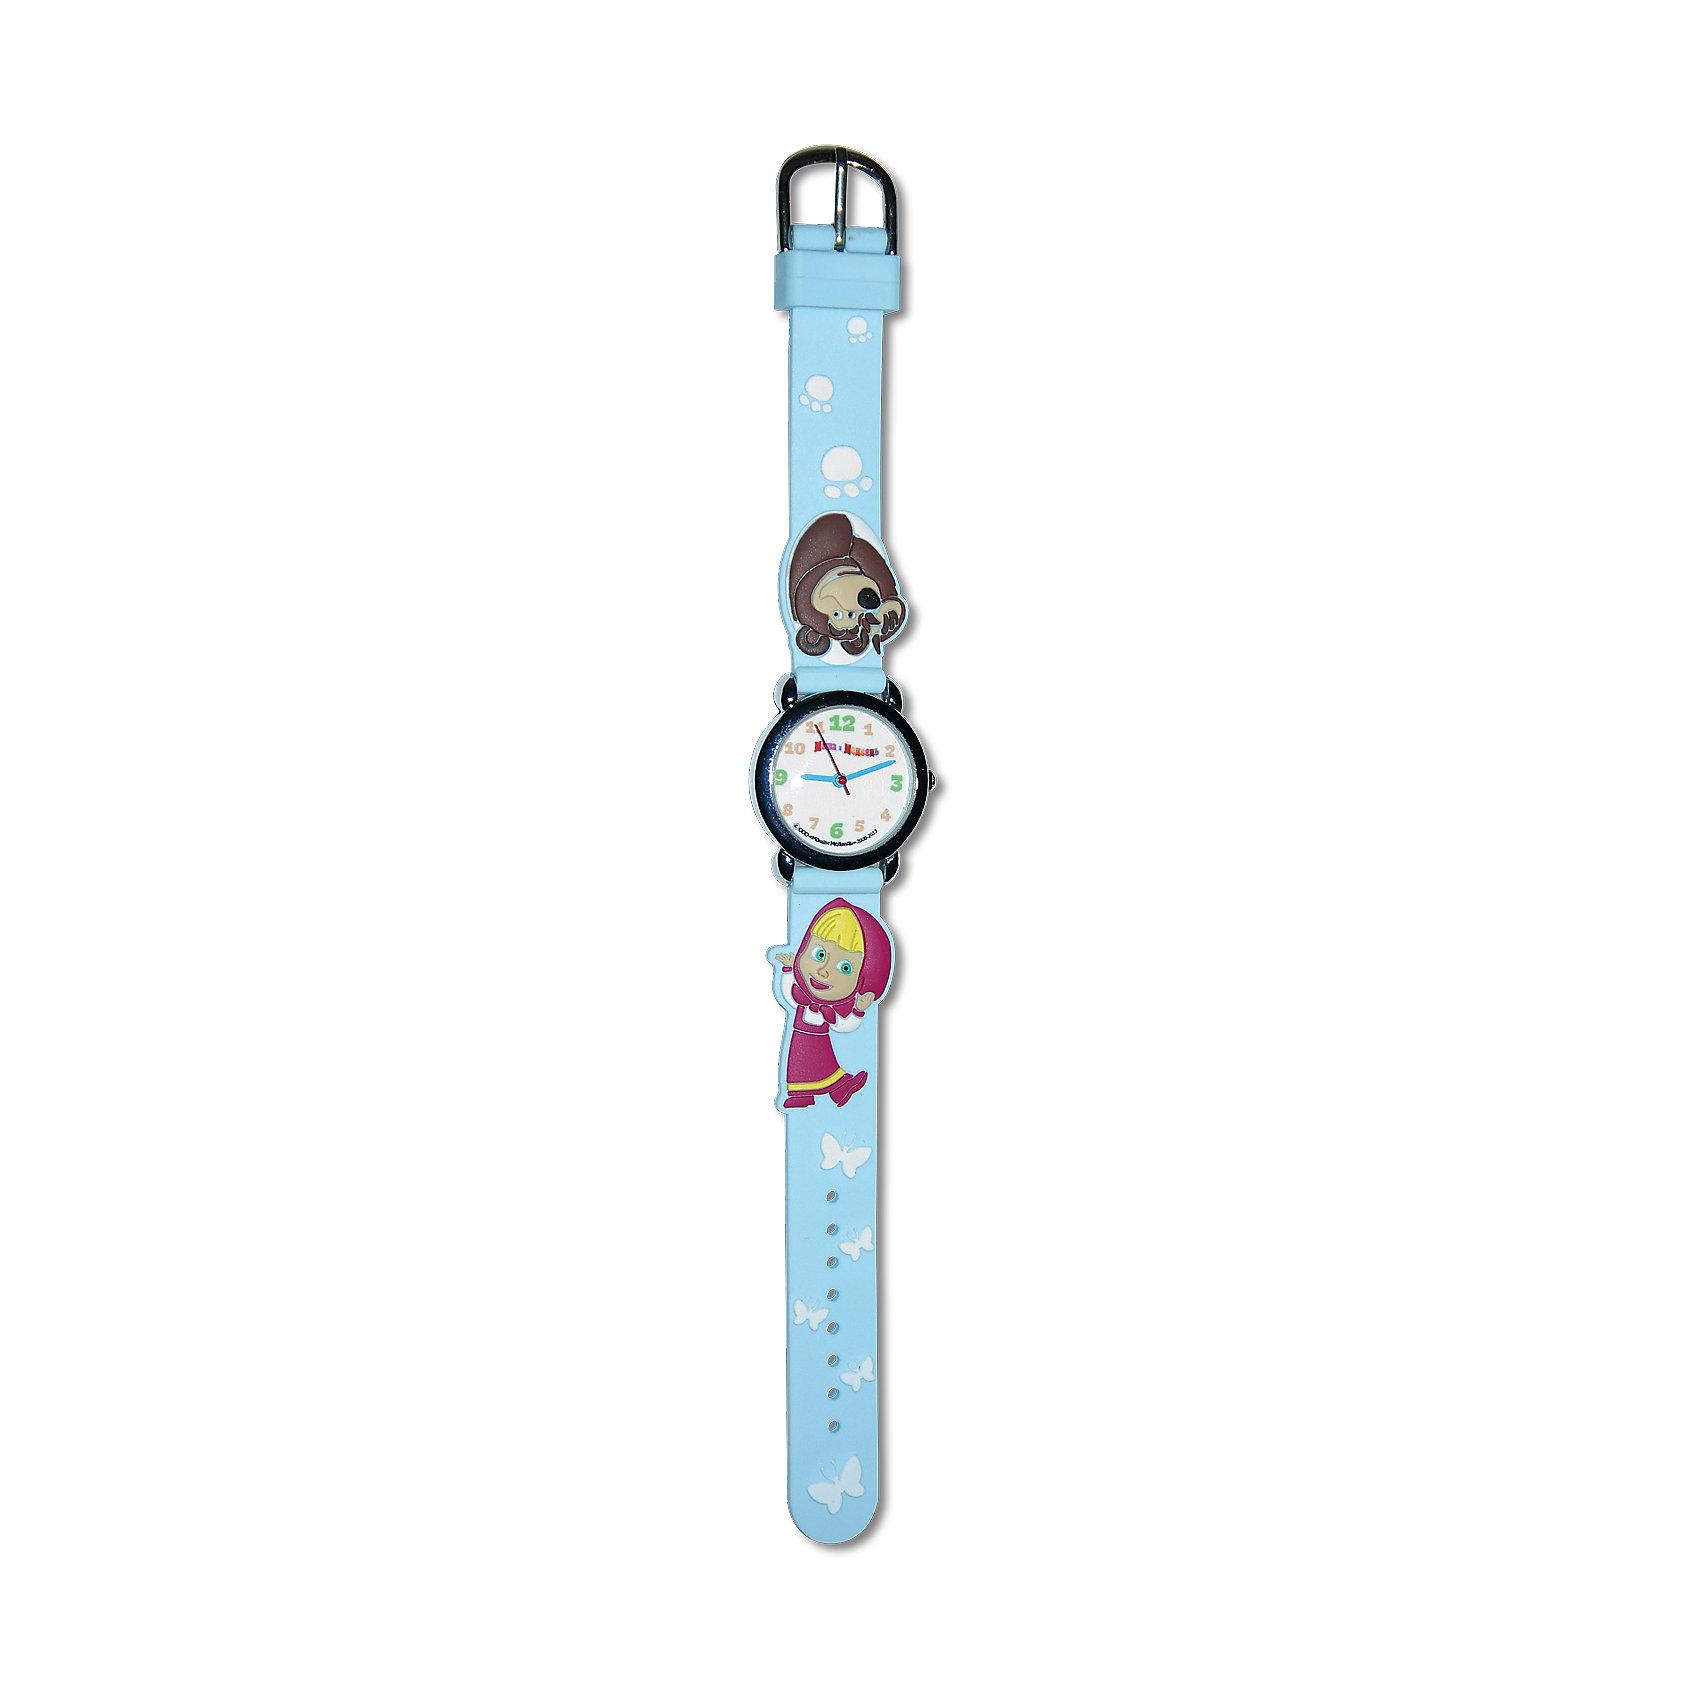 Часы наручные Маша и МедведьДетские наручные часы с изображением любимого героя Маша и Медведь будут отличным подарком для Вашей модницы. <br>Отличительные особенности данных часов: <br>Размер корпуса: 27<br>Цвет: голубой<br>Длина браслета (см):19<br>Ширина браслета (мм):14<br>Материал браслета: силикон<br>Материал корпуса: металл<br>Разер корпуса: 27<br>Водонепроницаемость: 3 Атм<br>Механизм: кварцевый<br>Тип механизма: Miyota<br><br>Ширина мм: 170<br>Глубина мм: 157<br>Высота мм: 67<br>Вес г: 117<br>Возраст от месяцев: 36<br>Возраст до месяцев: 2147483647<br>Пол: Унисекс<br>Возраст: Детский<br>SKU: 4424923